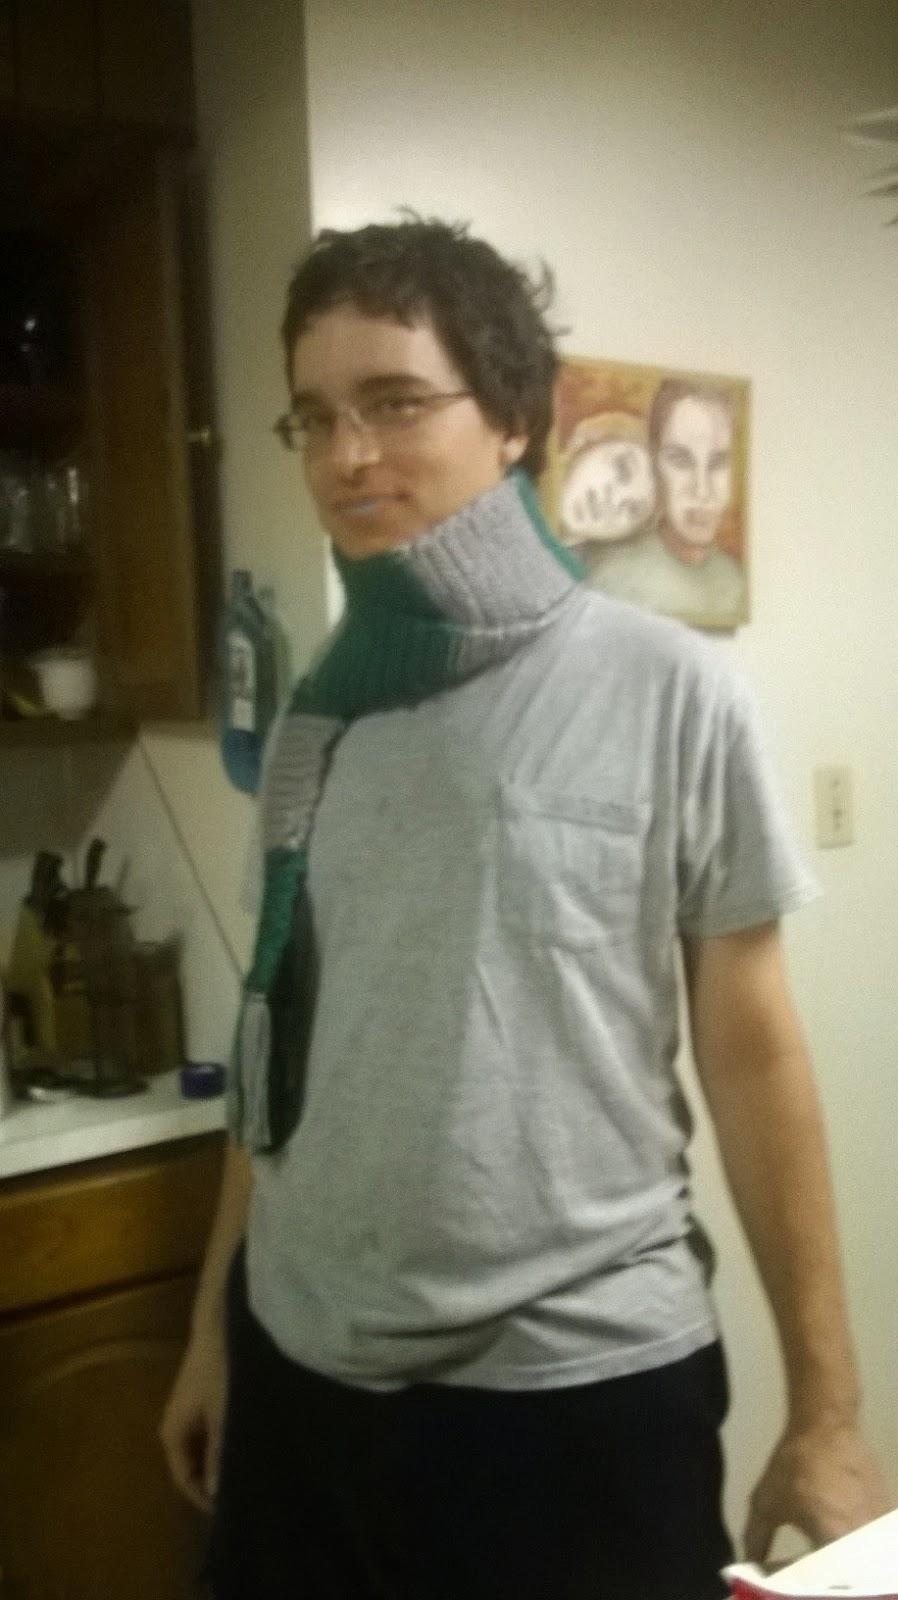 Slytherin scarf, suspicious